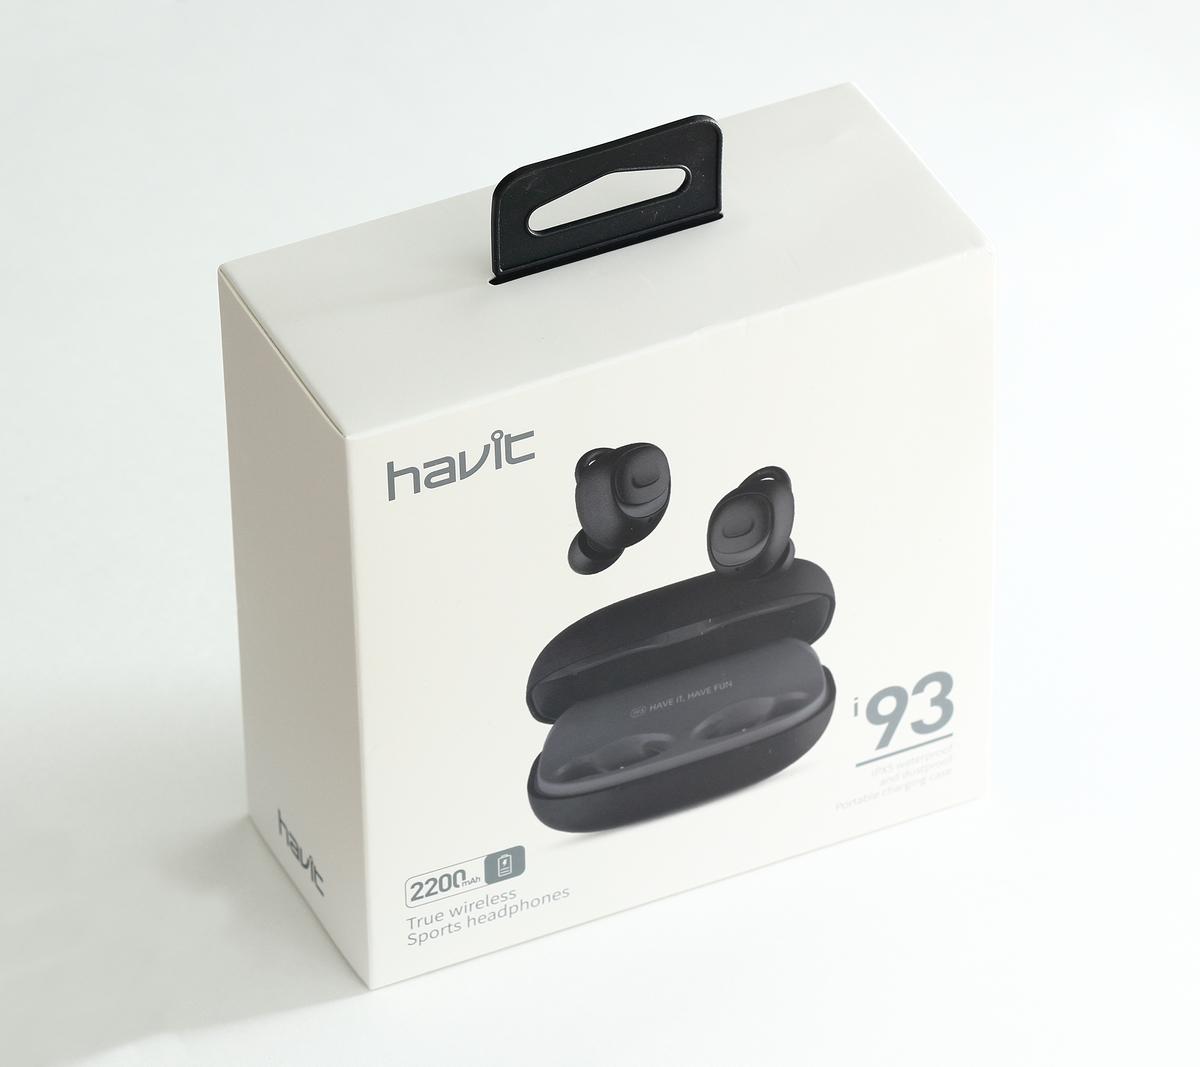 HAVIT I93のパッケージ